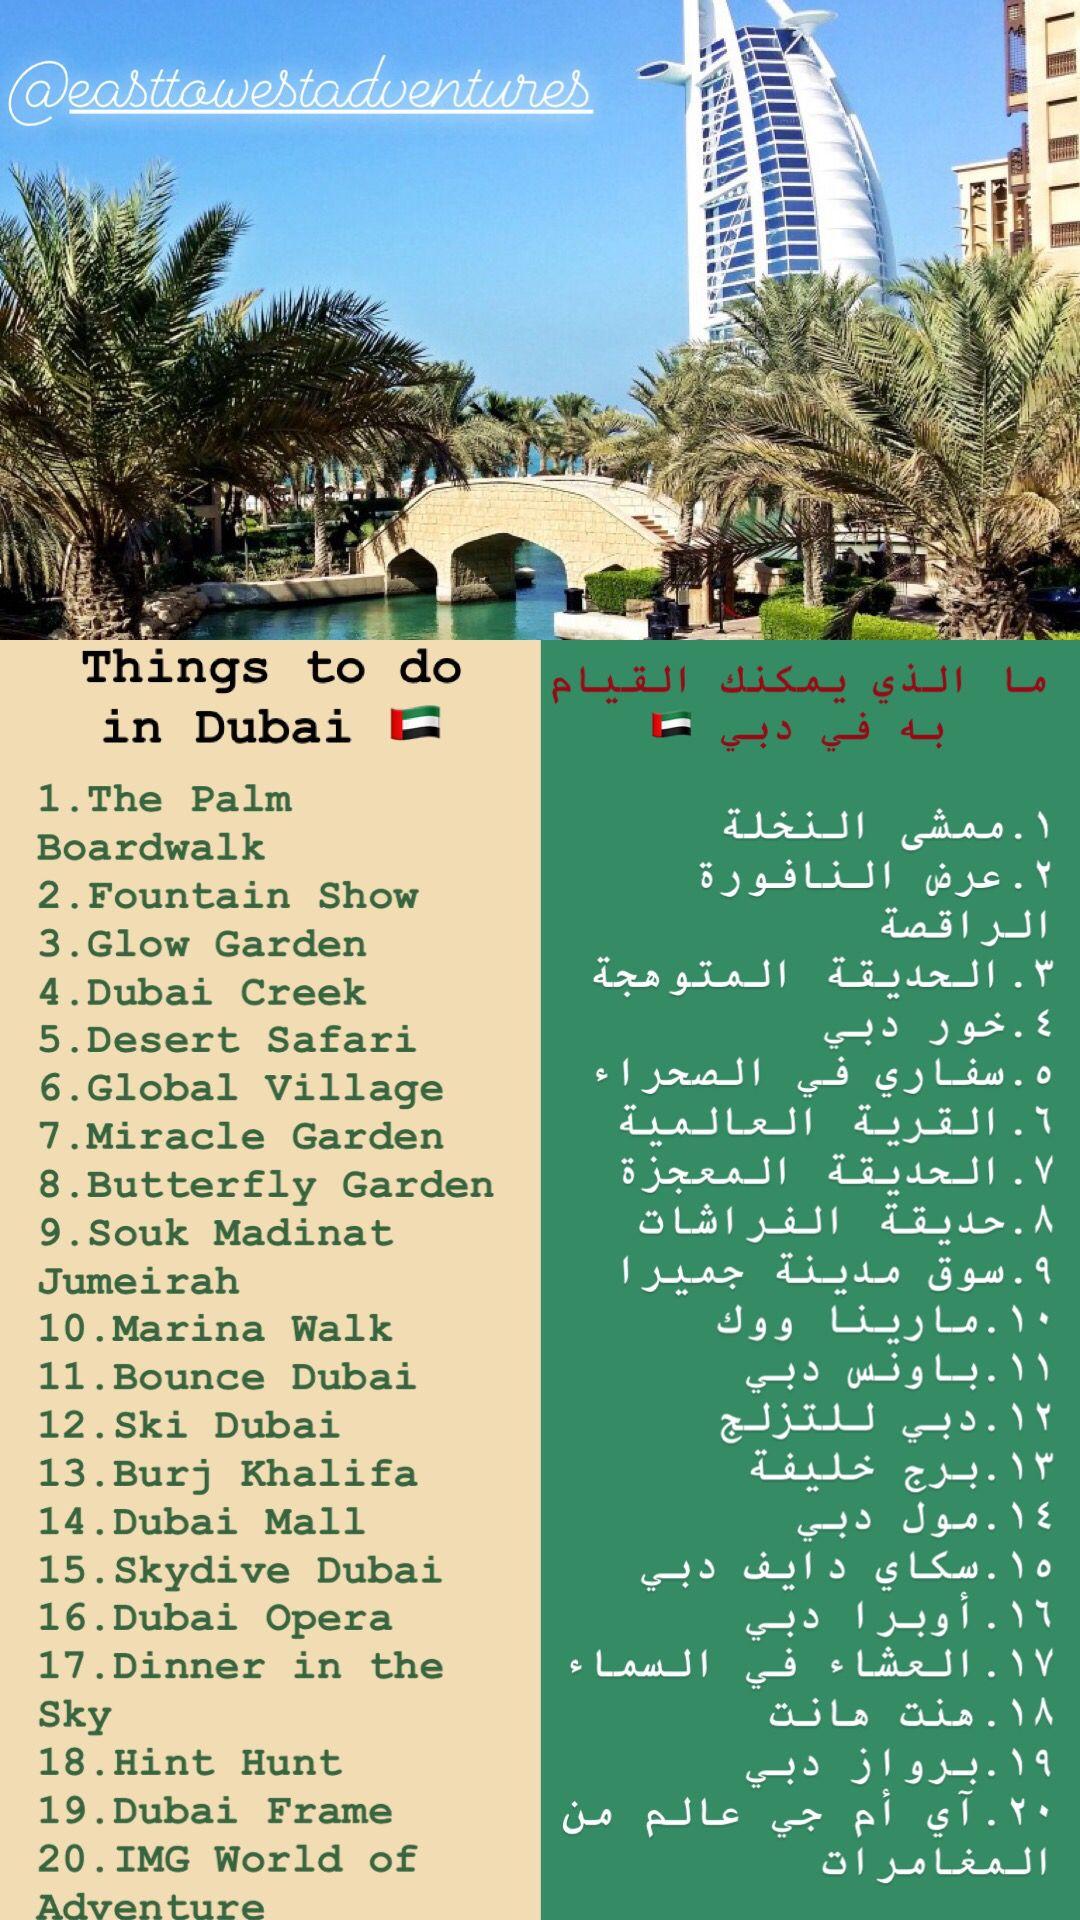 Bluehost Com Dubai Travel Guide Dubai Travel Travel And Tourism